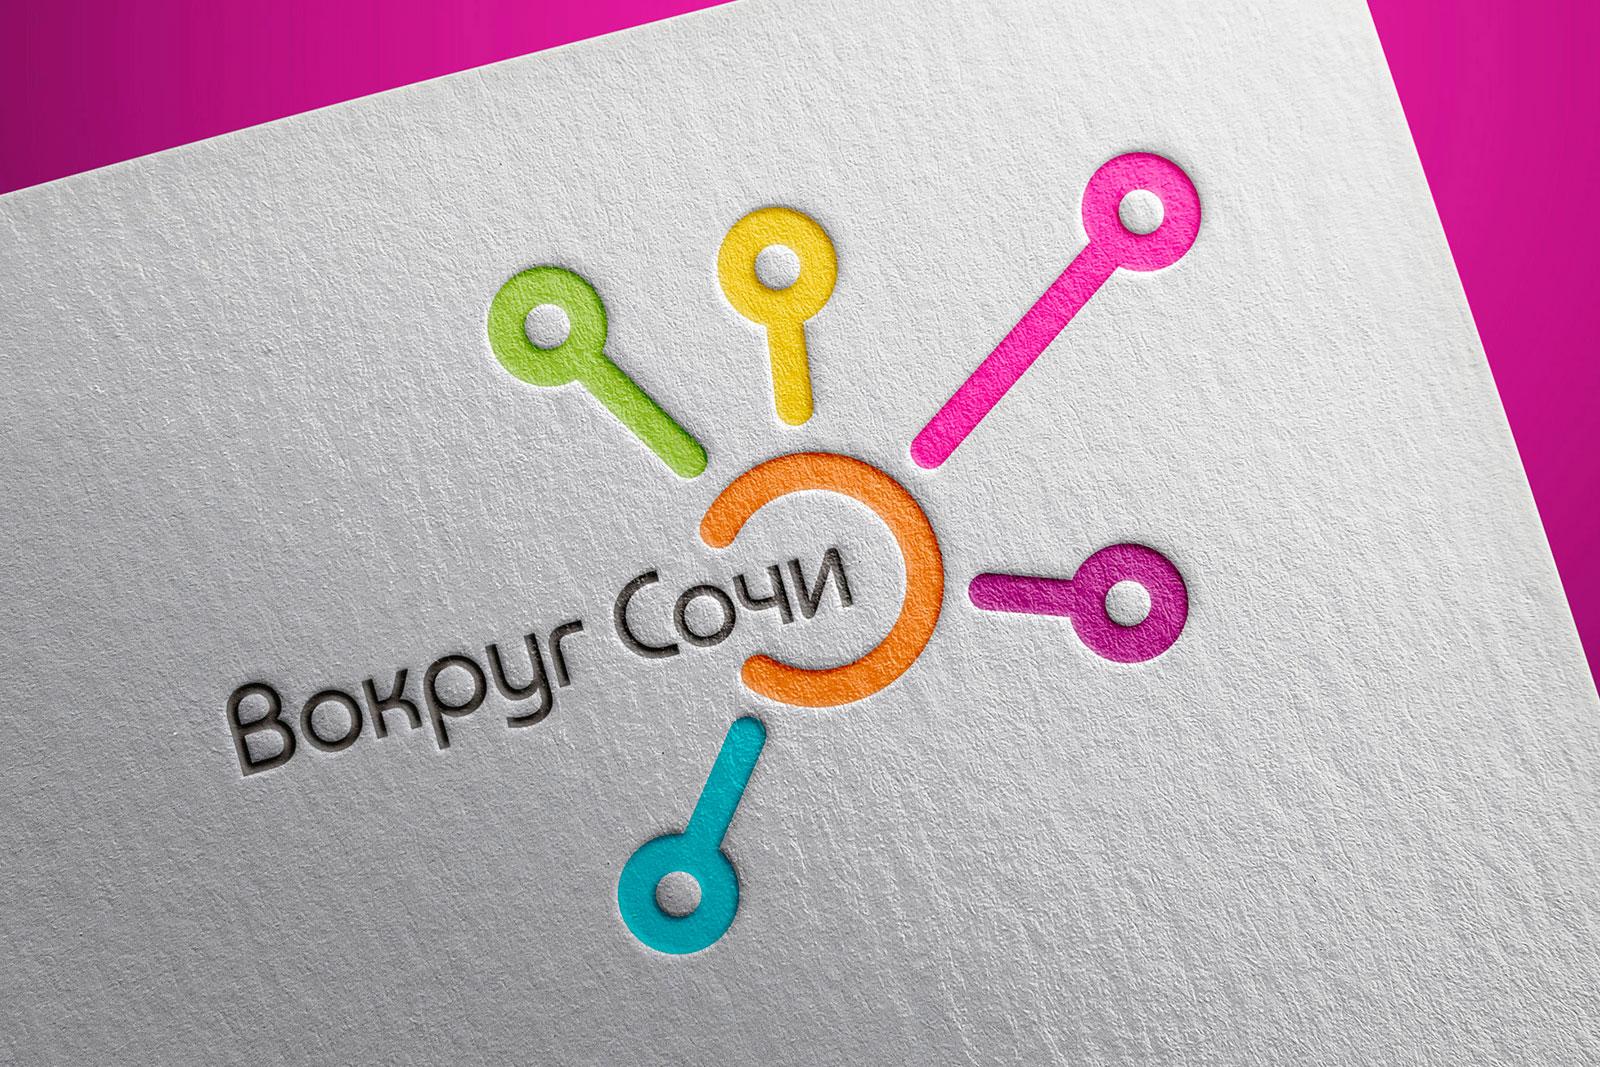 Вокруг Сочи, Around Sochi, лого, logo design, corporate identity